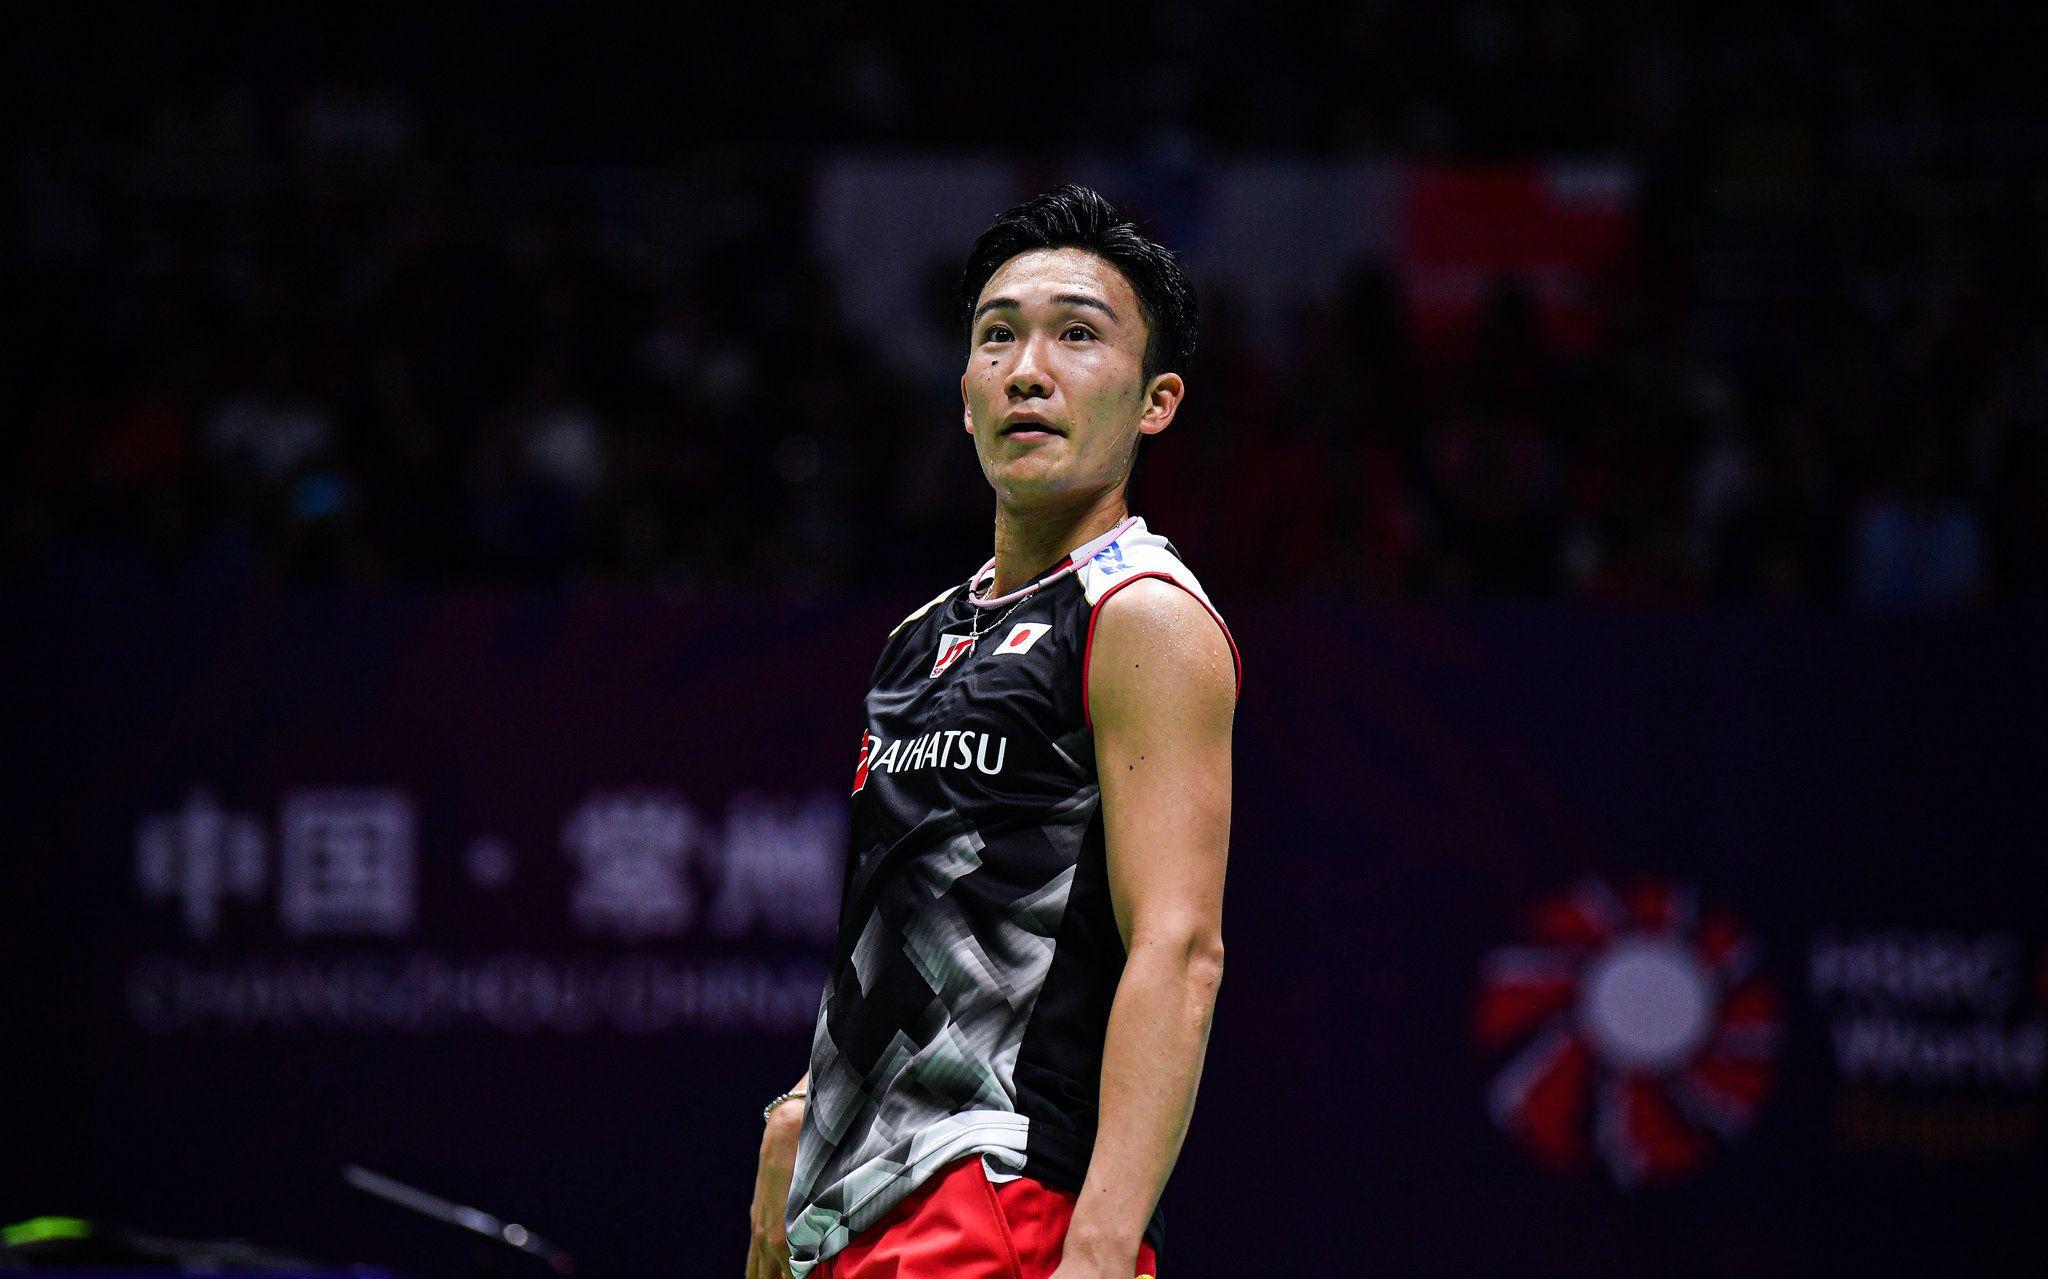 http://www.bjhexi.com/shehuiwanxiang/1360595.html